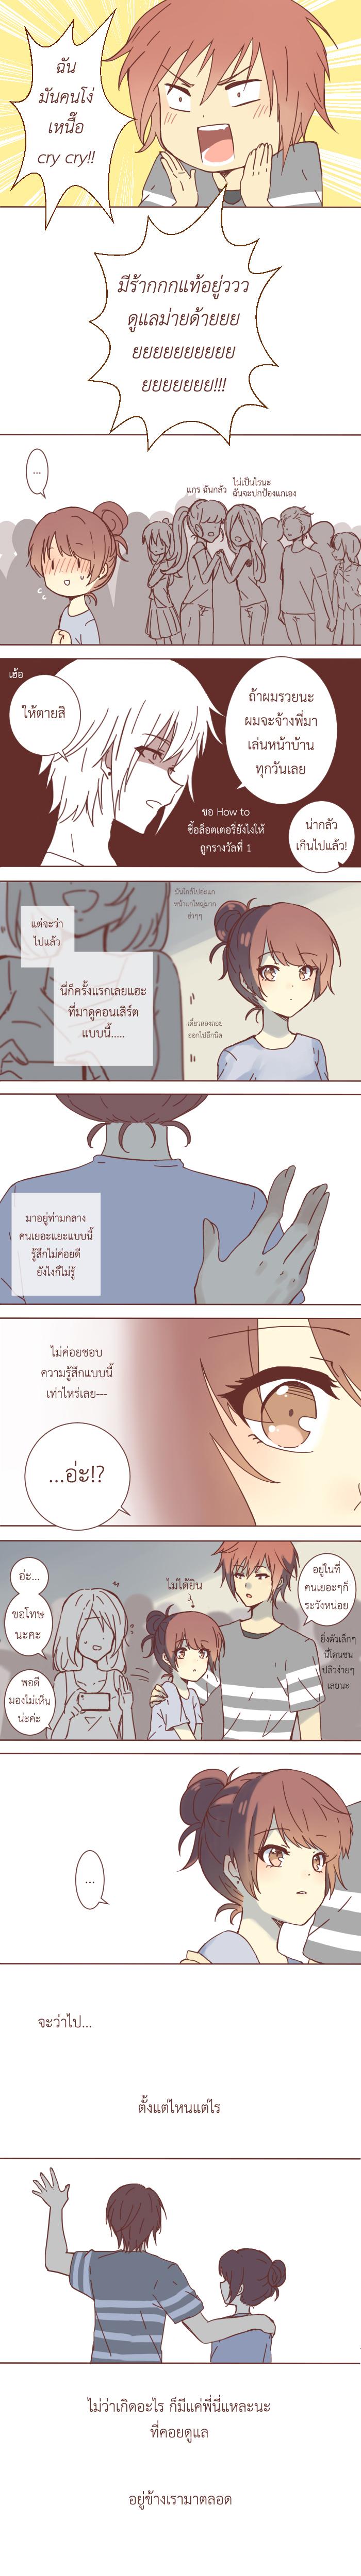 10 - ไม่บอก